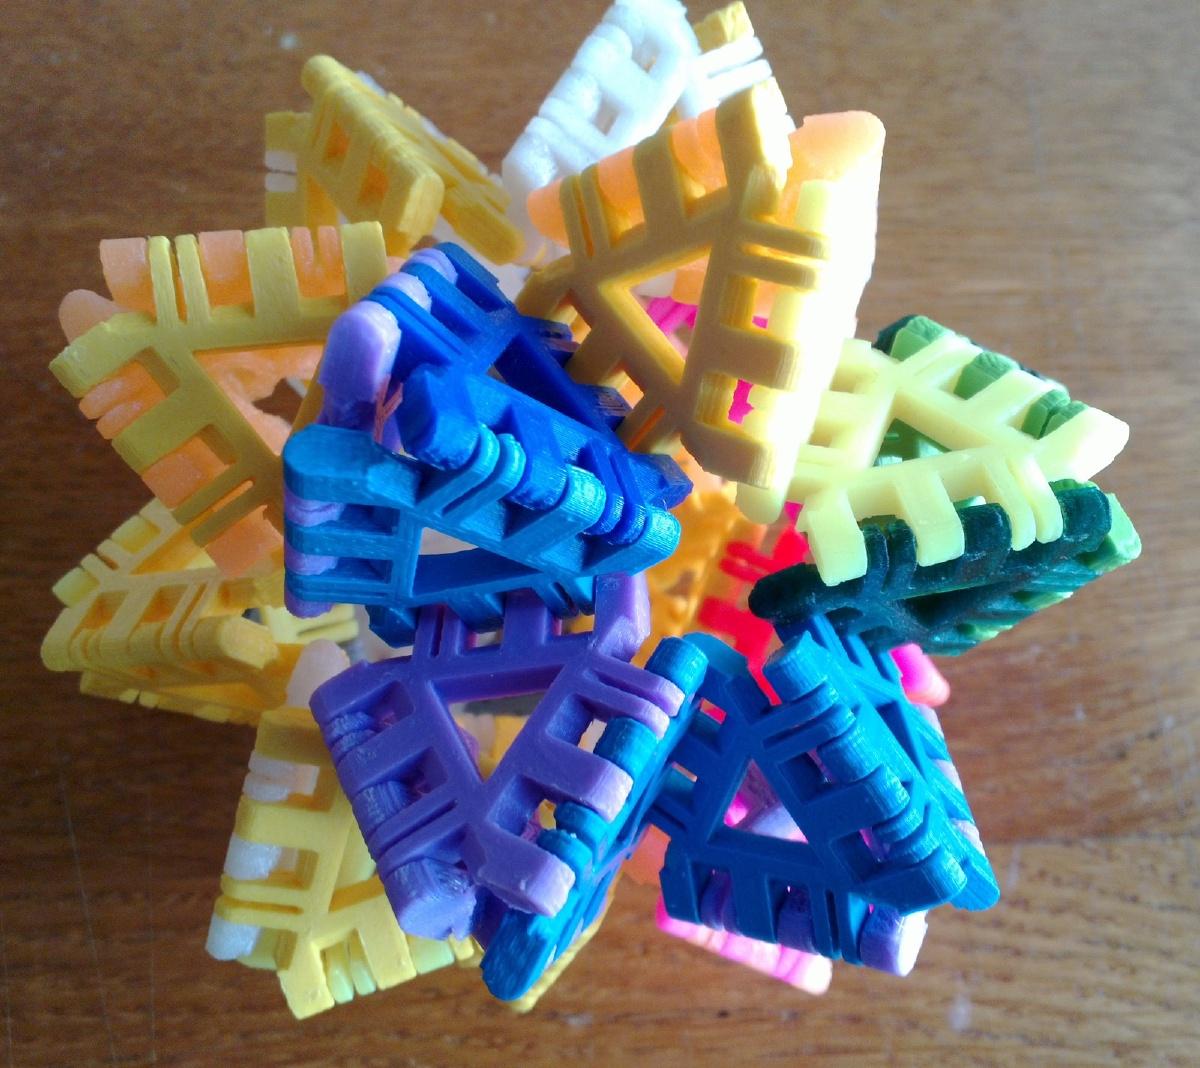 Augmented Icosahedron